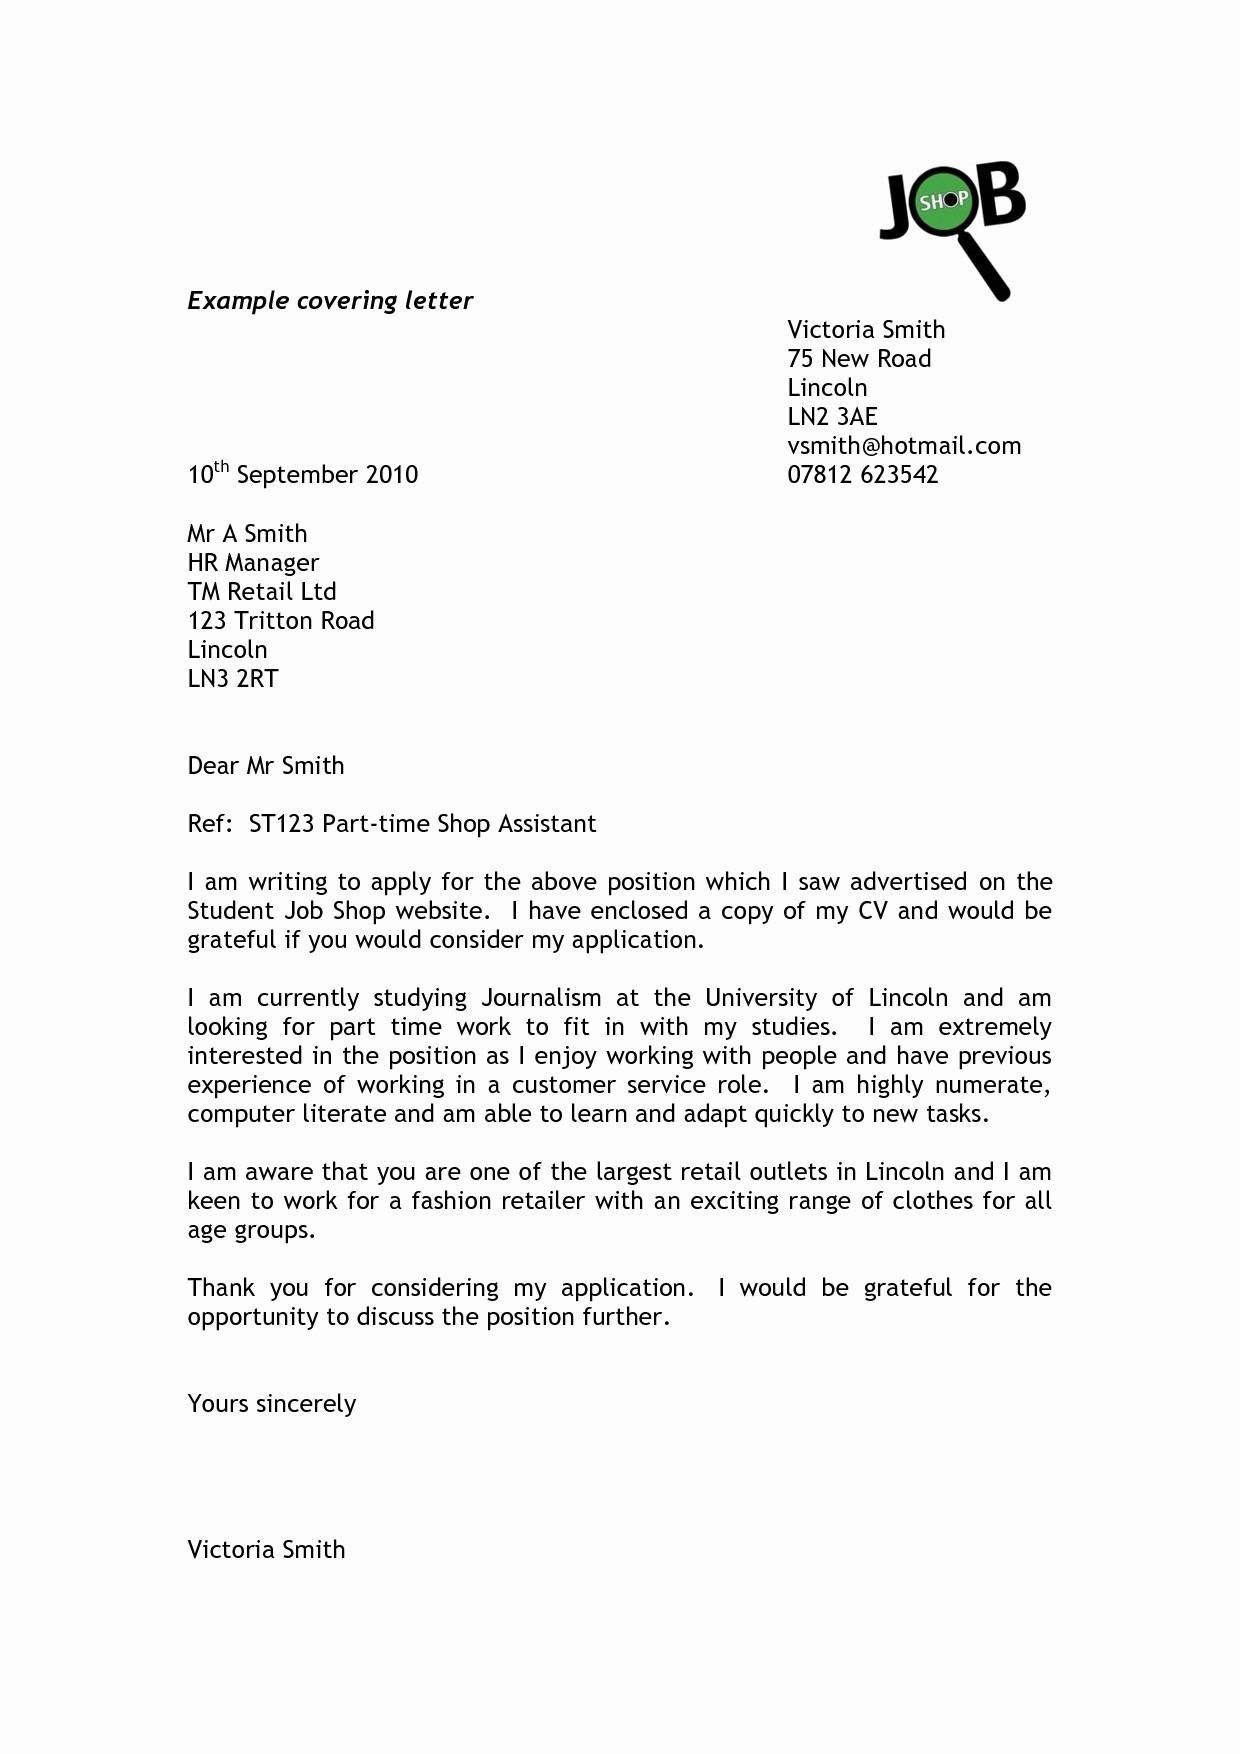 Plain Cover Letter Template - format Covering Letter for Cv